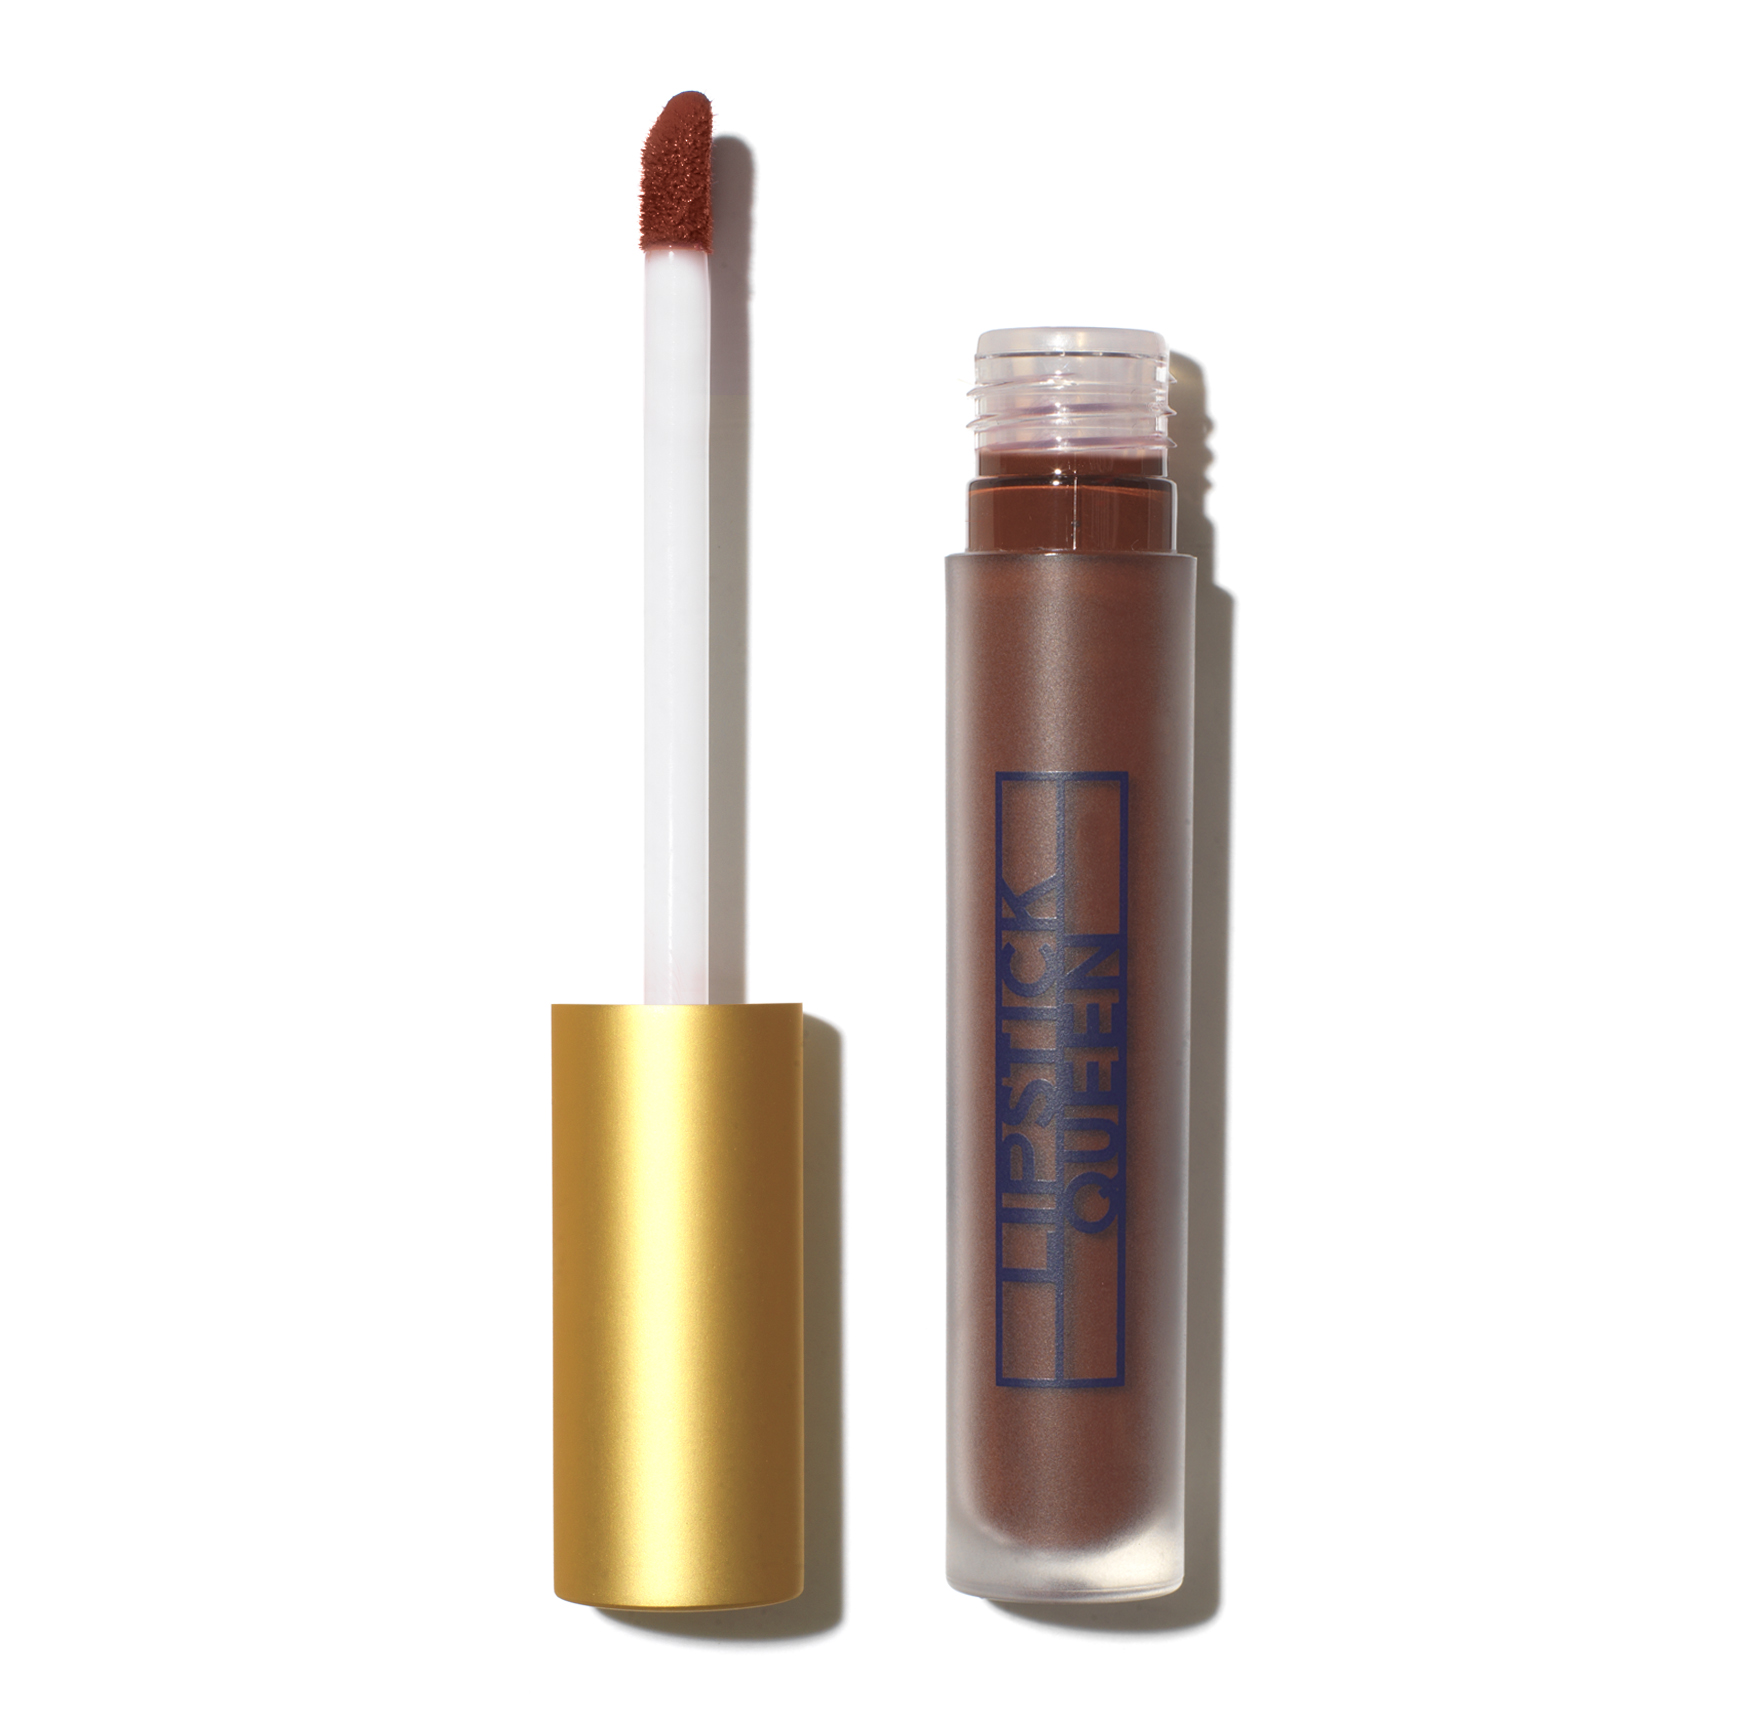 Saint & Sinner Lip Tint, WINE, large